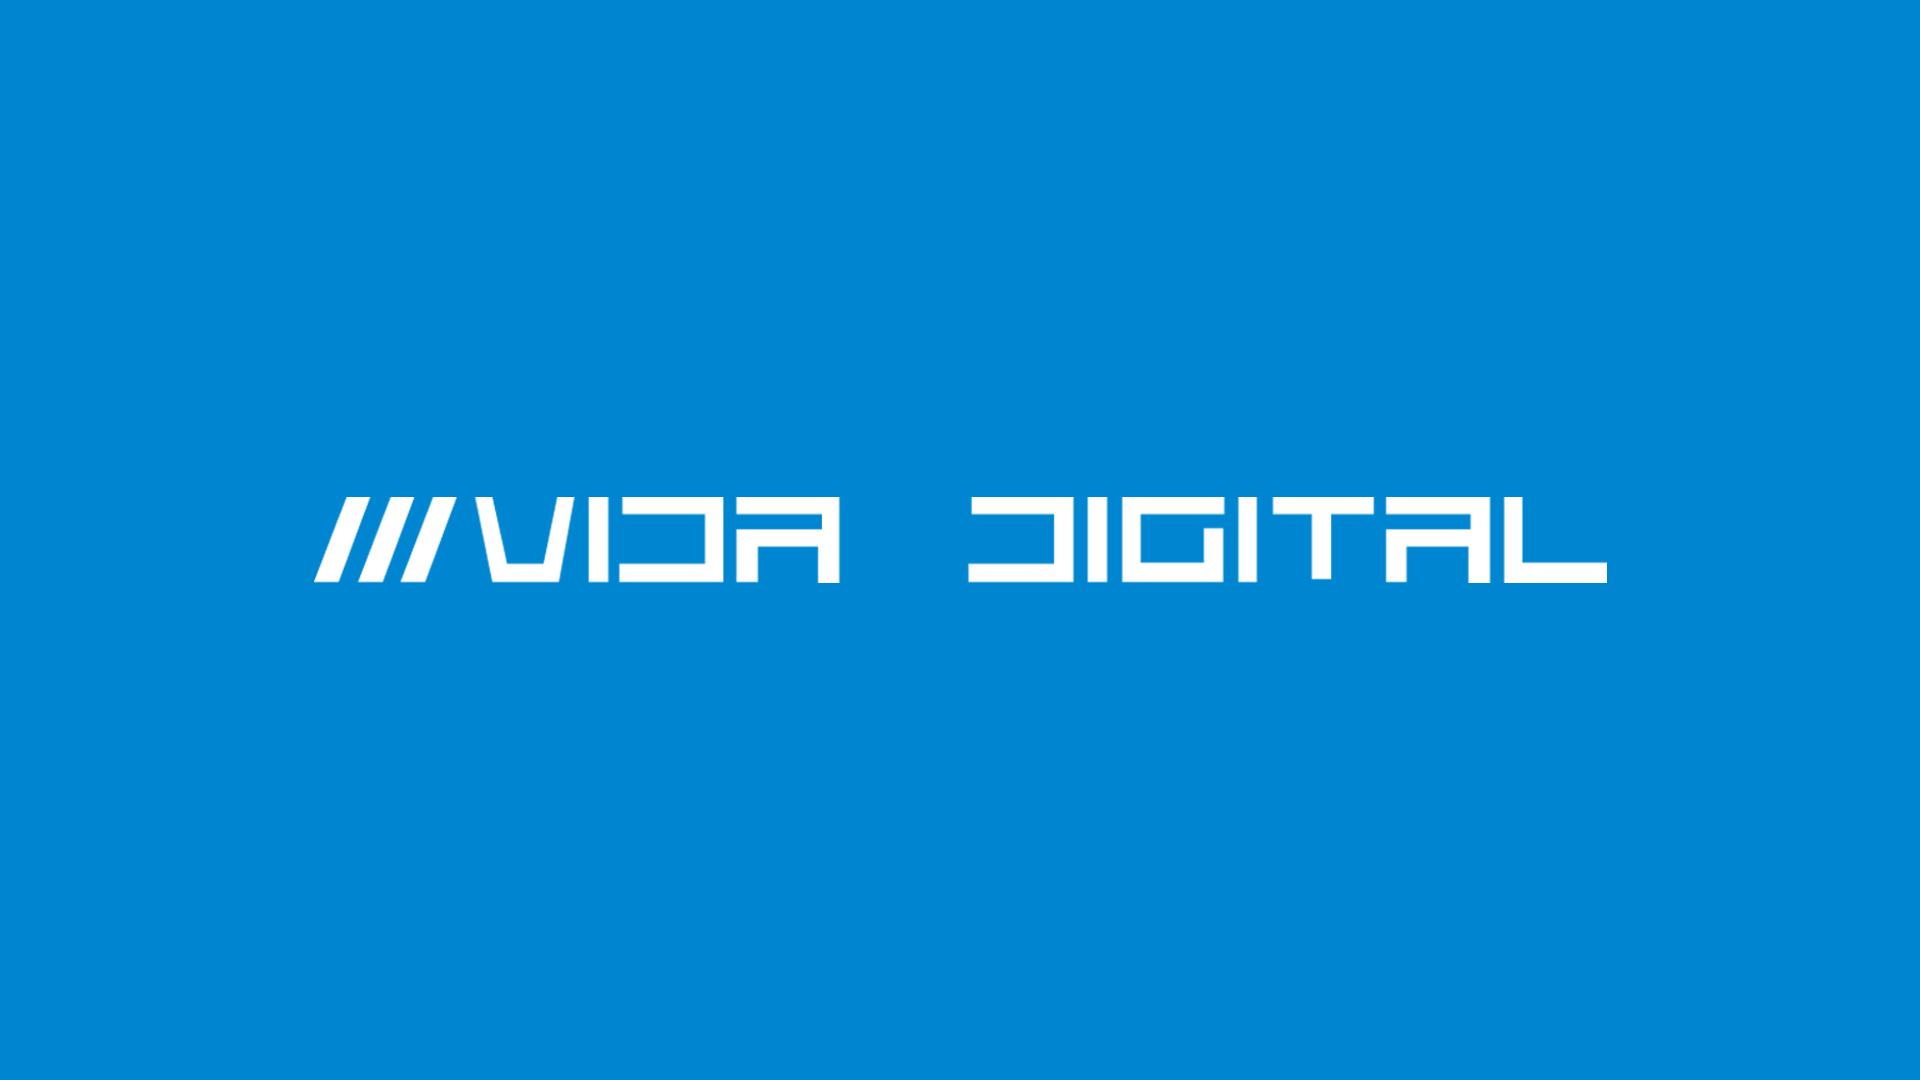 Te espera una edición llena de noticias interesantes sobre tecnologia y entretenimiento para hoy miercoles en www.vidadigitaltech.com